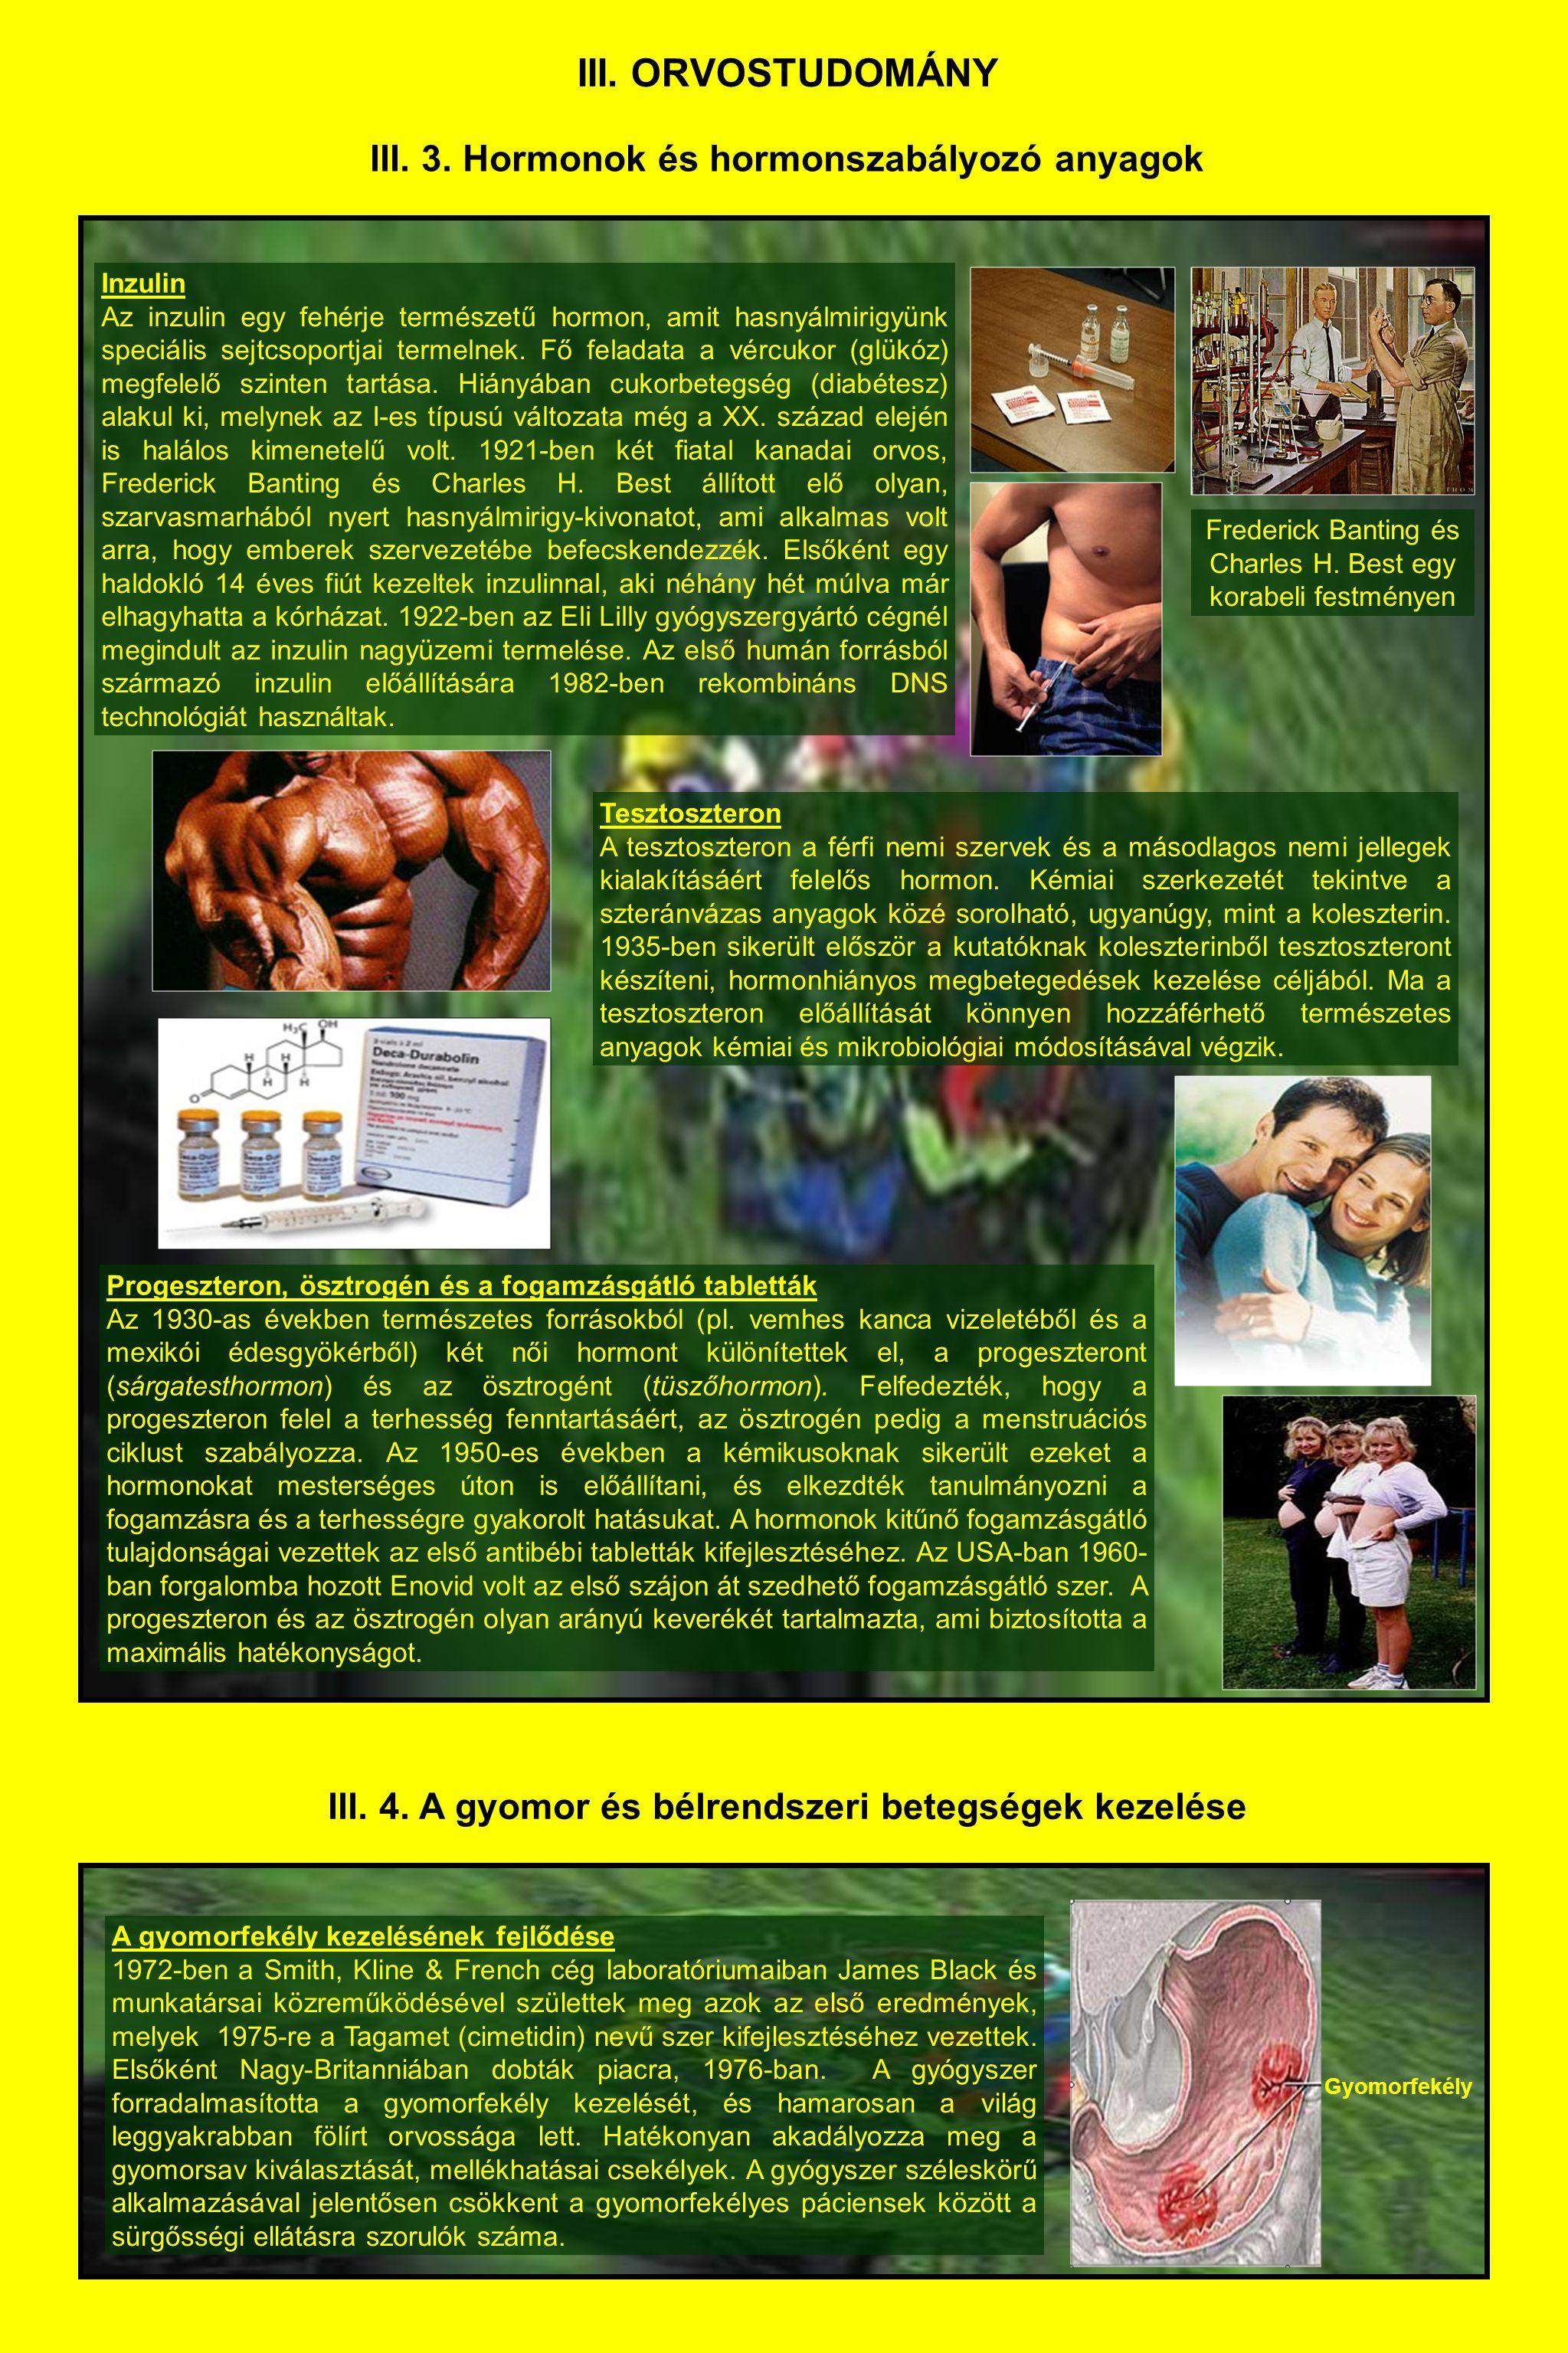 III. ORVOSTUDOMÁNY III. 3. Hormonok és hormonszabályozó anyagok Inzulin Az inzulin egy fehérje természetű hormon, amit hasnyálmirigyünk speciális sejt